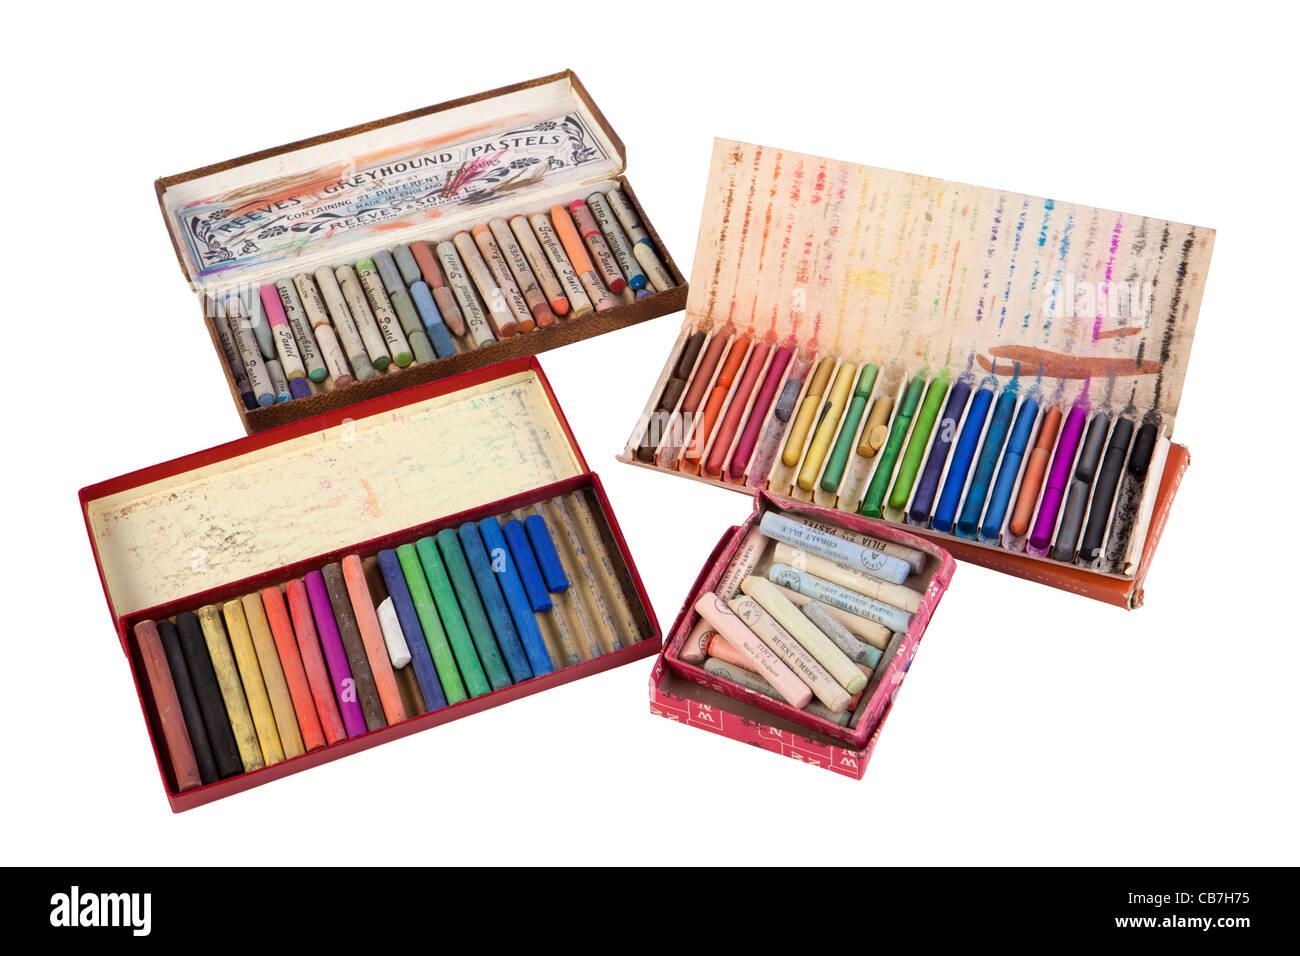 L'art, boîtes de couleurs pastels craie artistes utilisé Banque D'Images